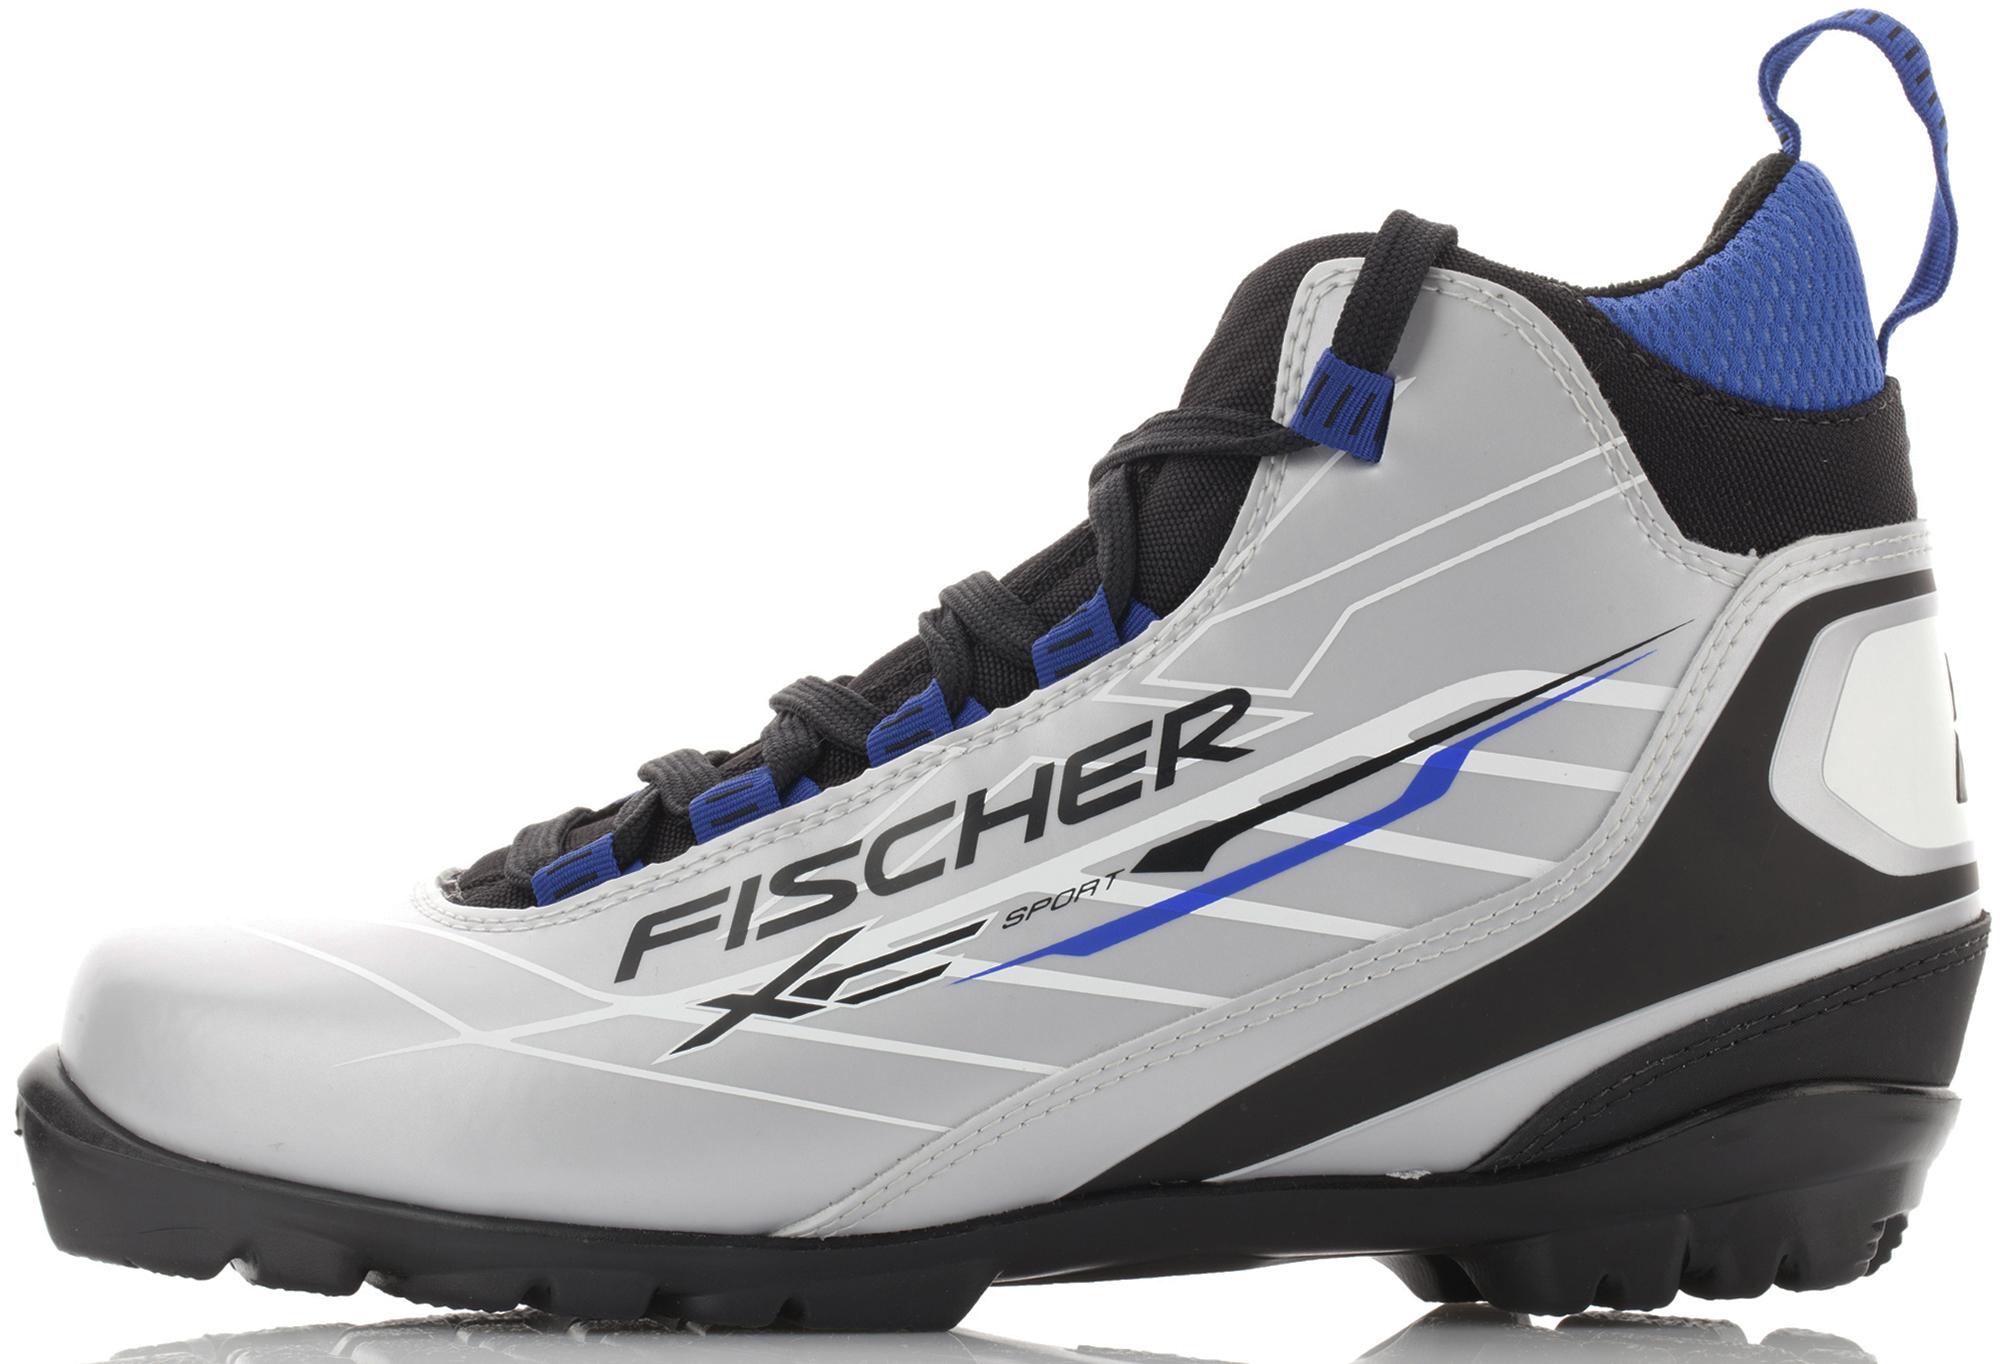 Fischer Ботинки для беговых лыж XС Sport Royal